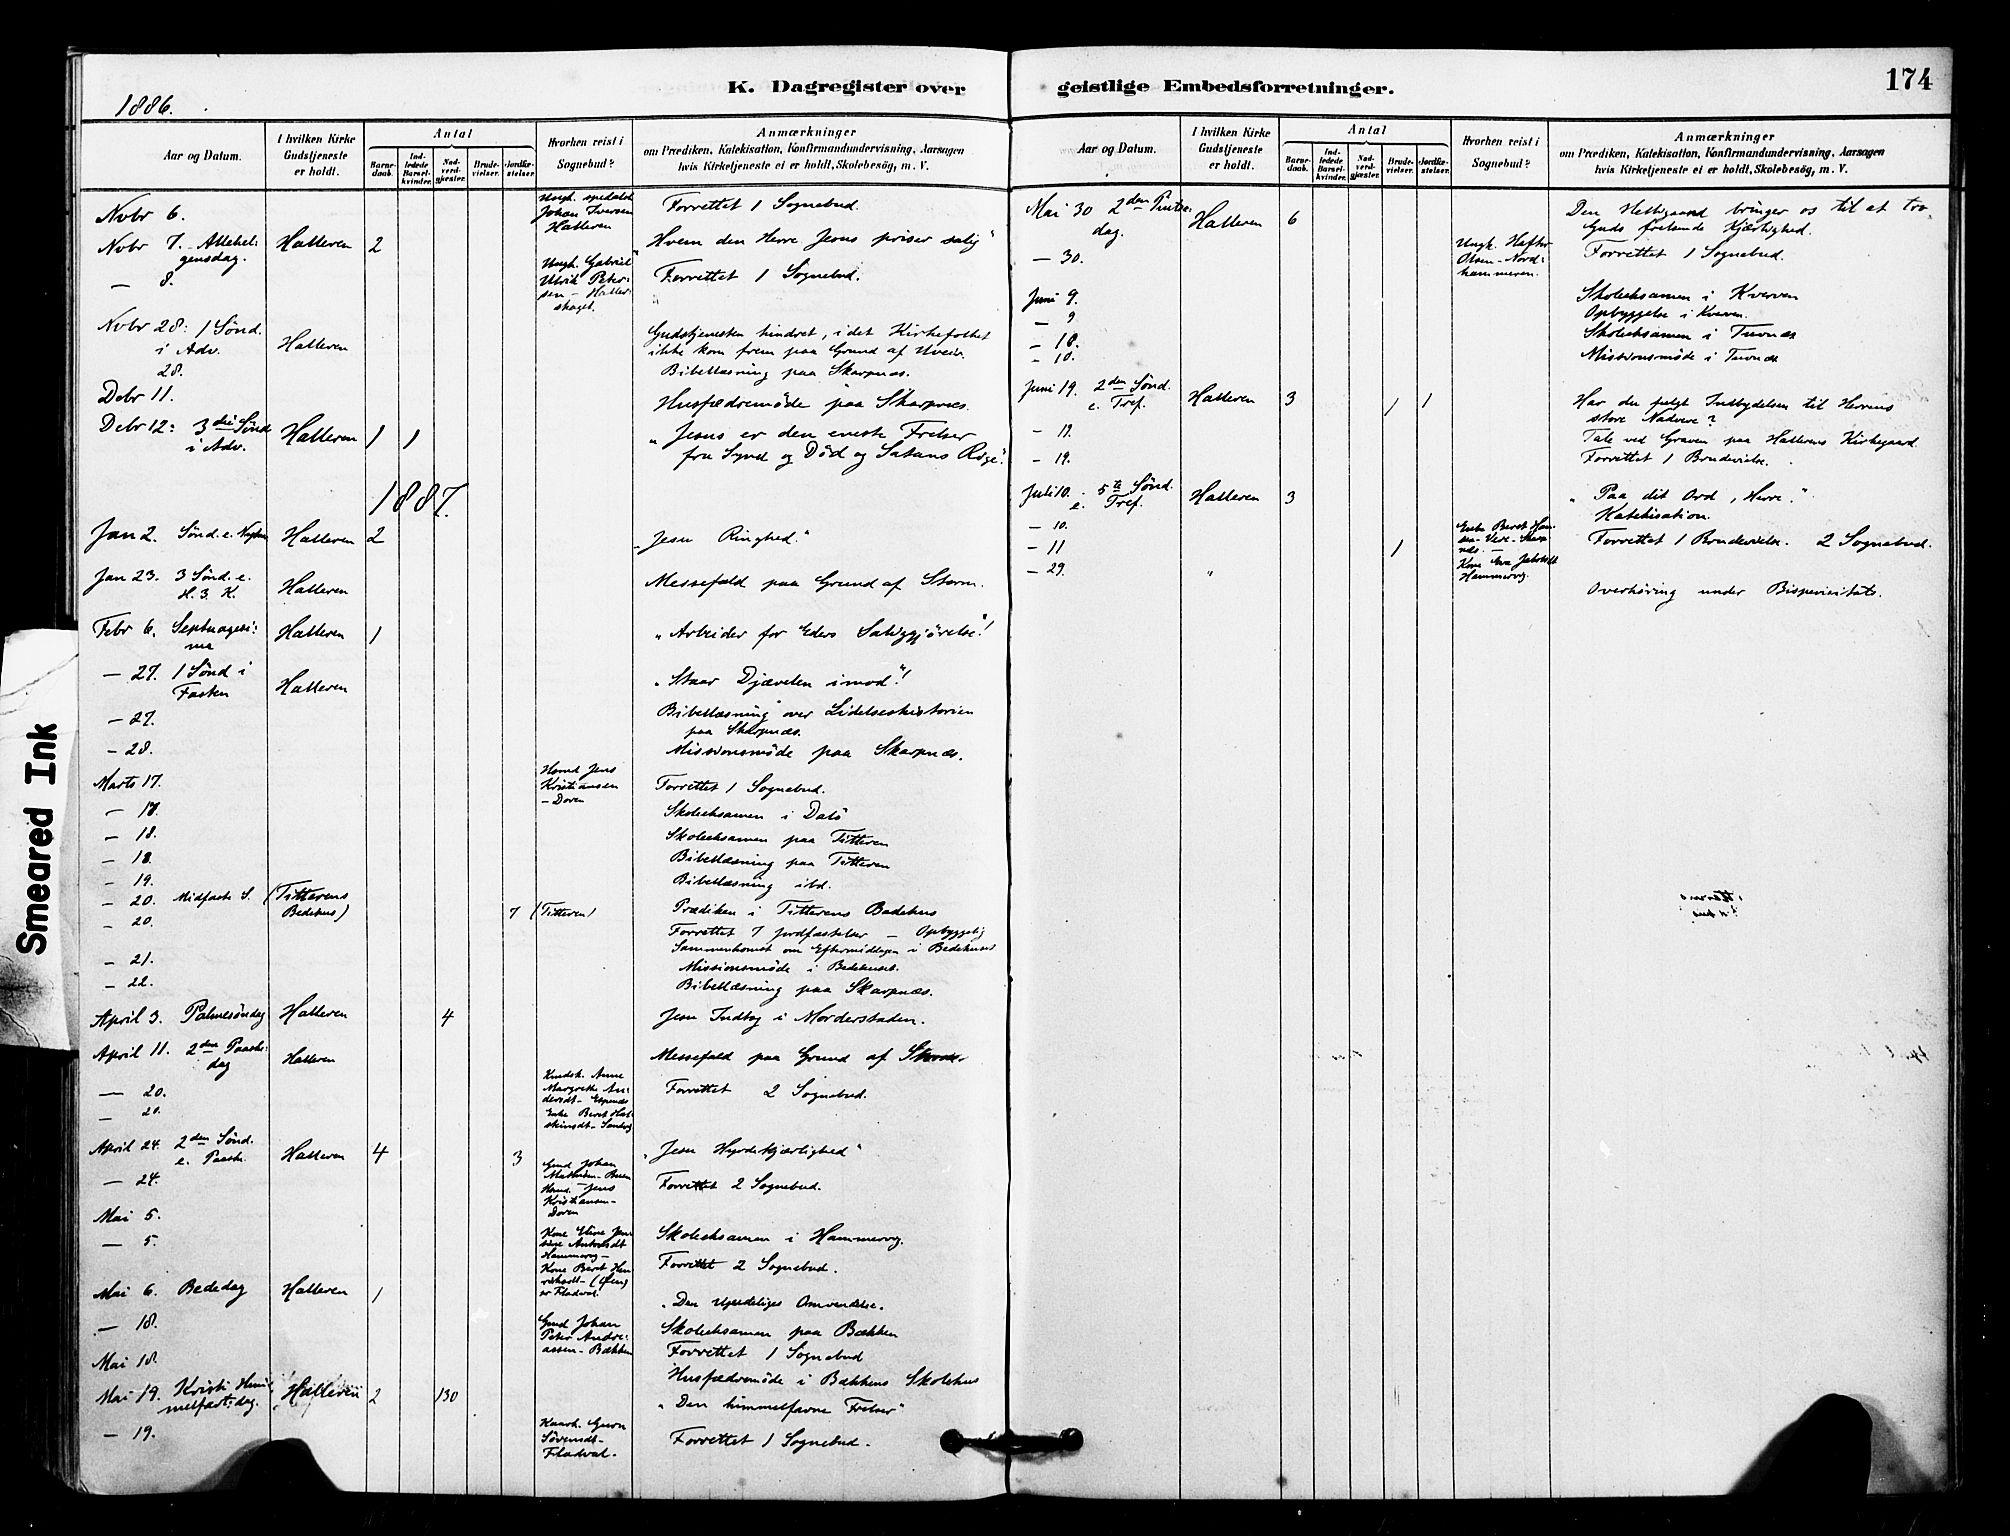 SAT, Ministerialprotokoller, klokkerbøker og fødselsregistre - Sør-Trøndelag, 641/L0595: Ministerialbok nr. 641A01, 1882-1897, s. 174